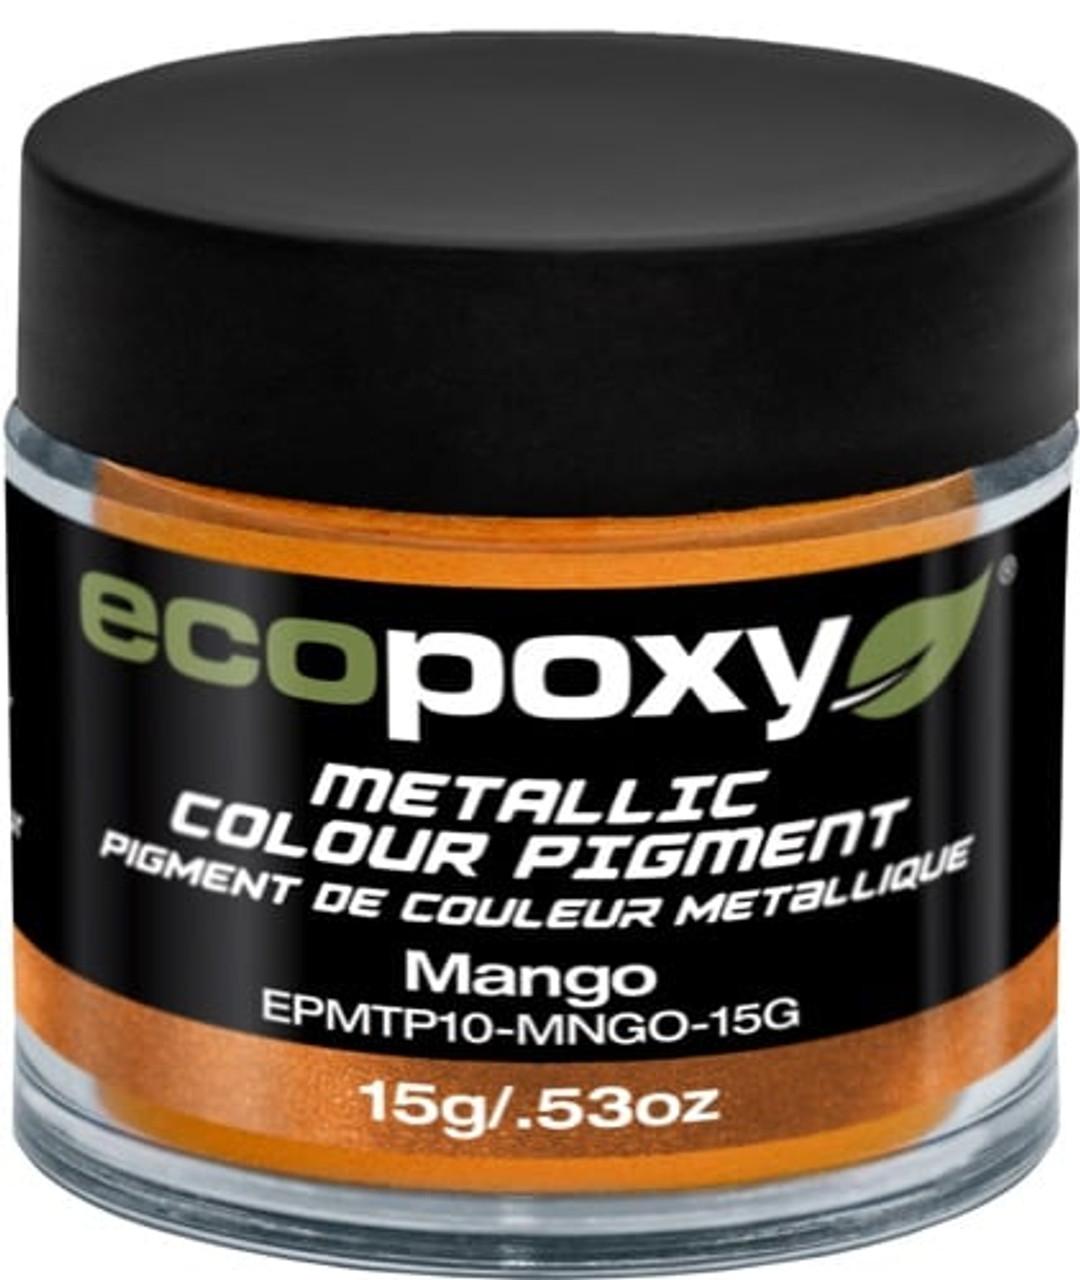 EcoPoxy - 15g Metallic ColorPigment - Mango (628199908299)